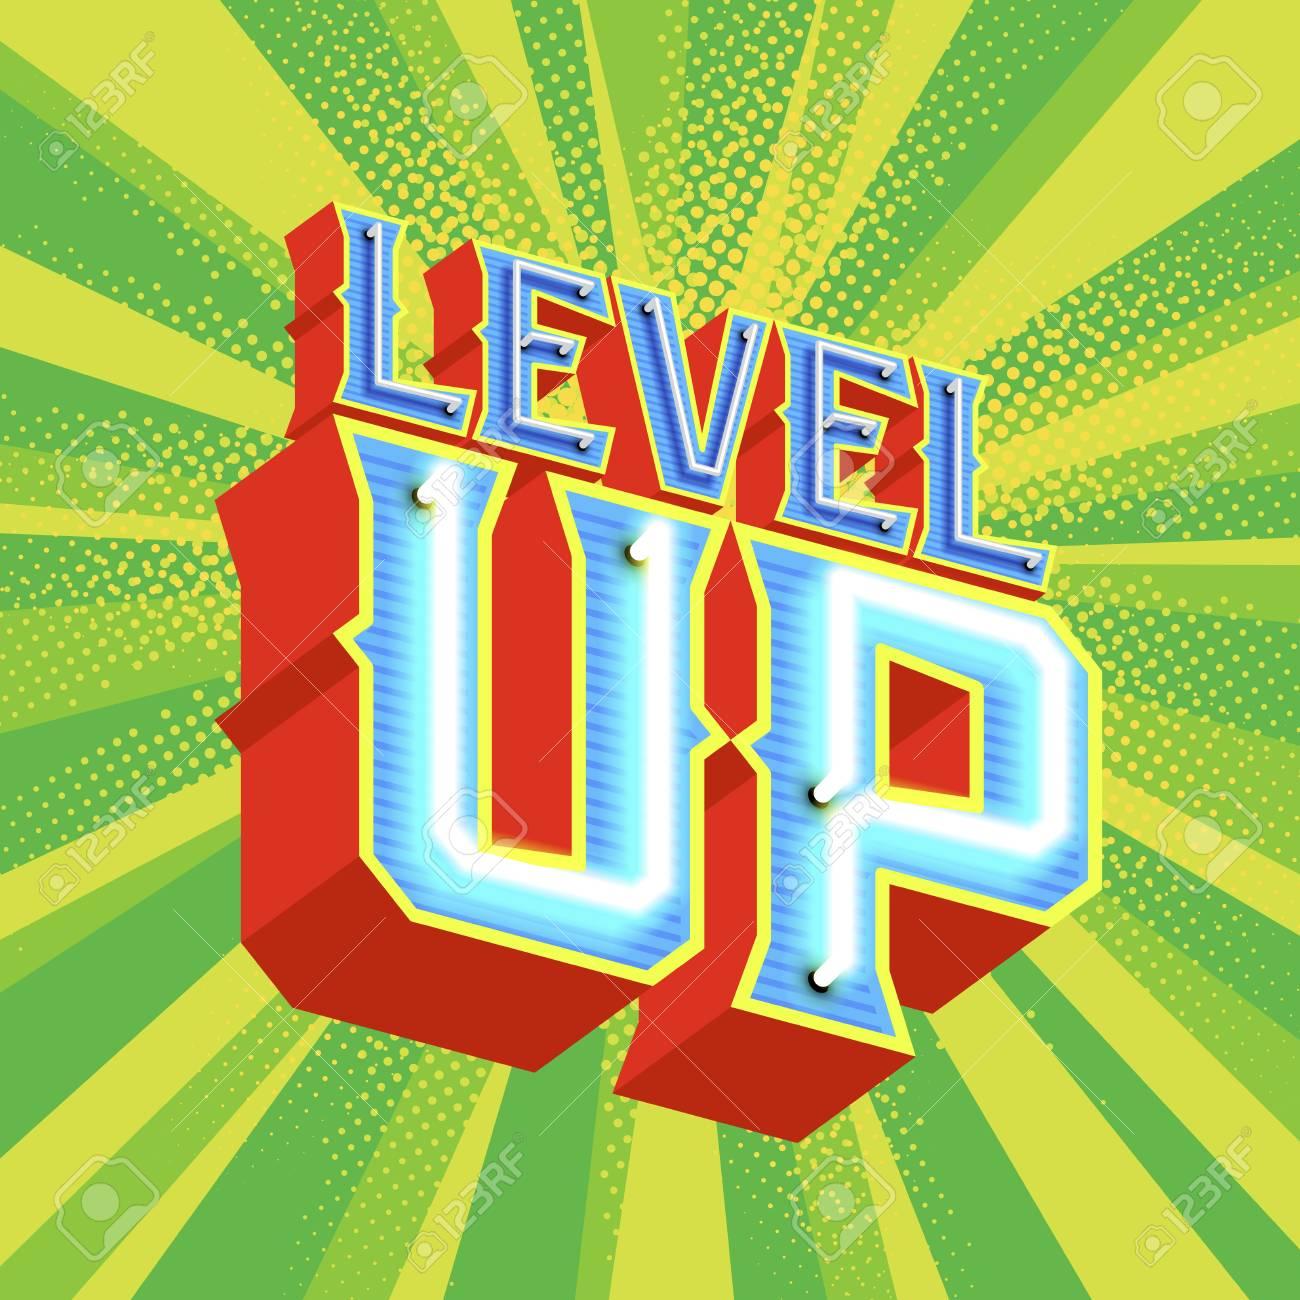 90-100 Delirium PC Power Leveling under 48 hrs!